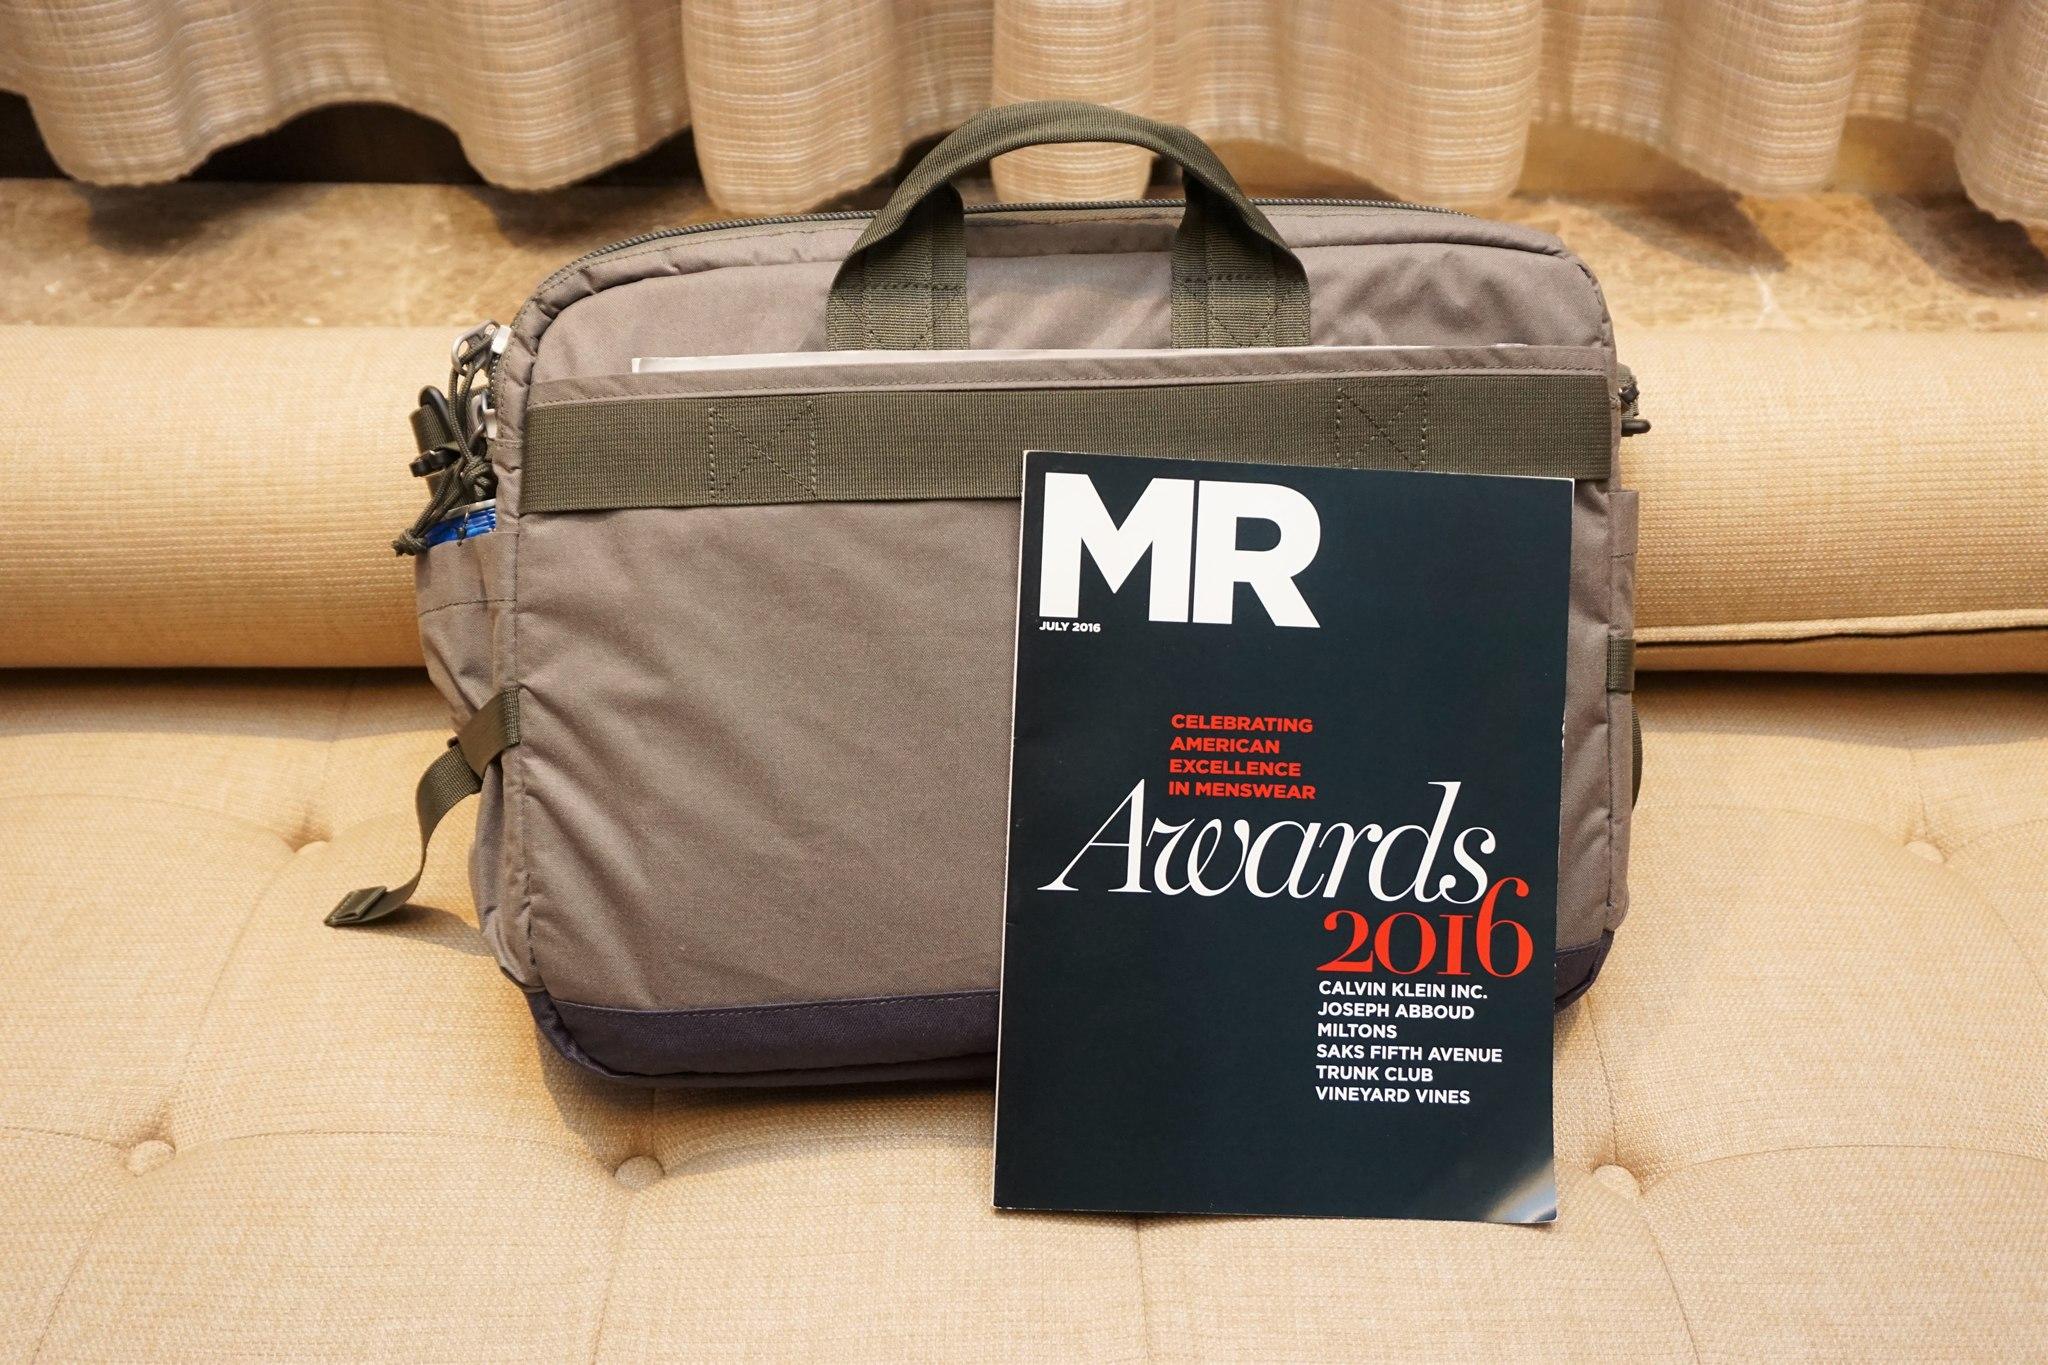 stm-trust-15-inch-laptop-messenger-bag-11